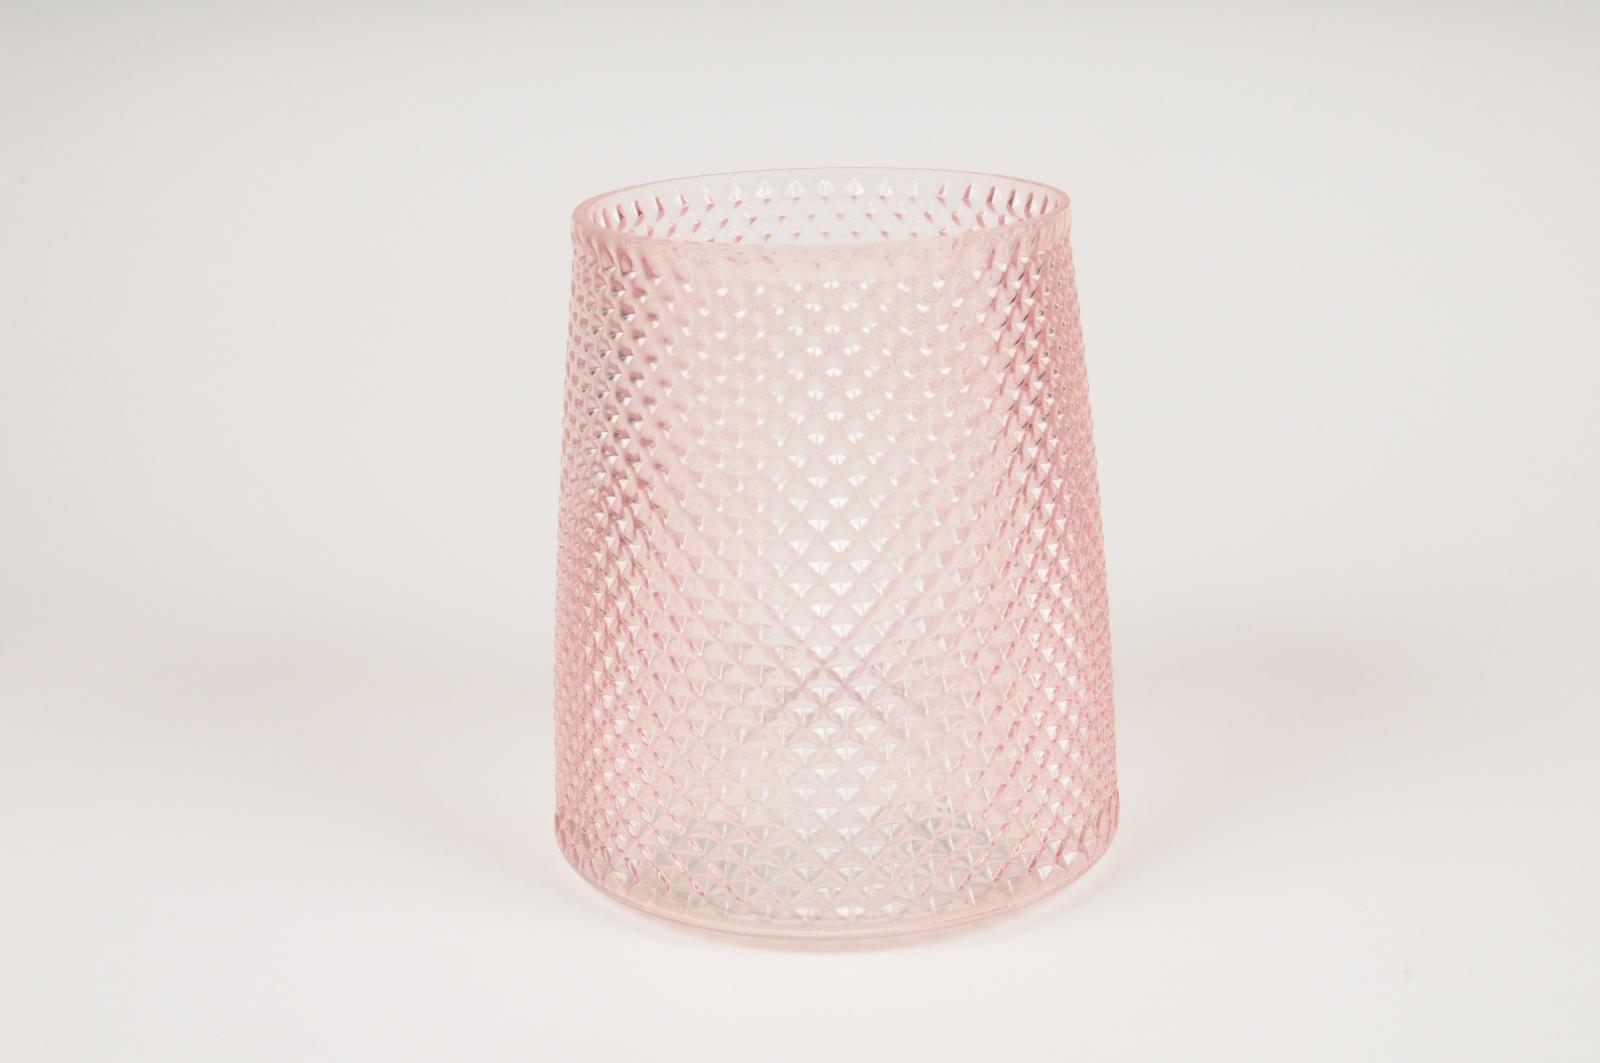 B033IH Vase en verre rose D16cm H18cm